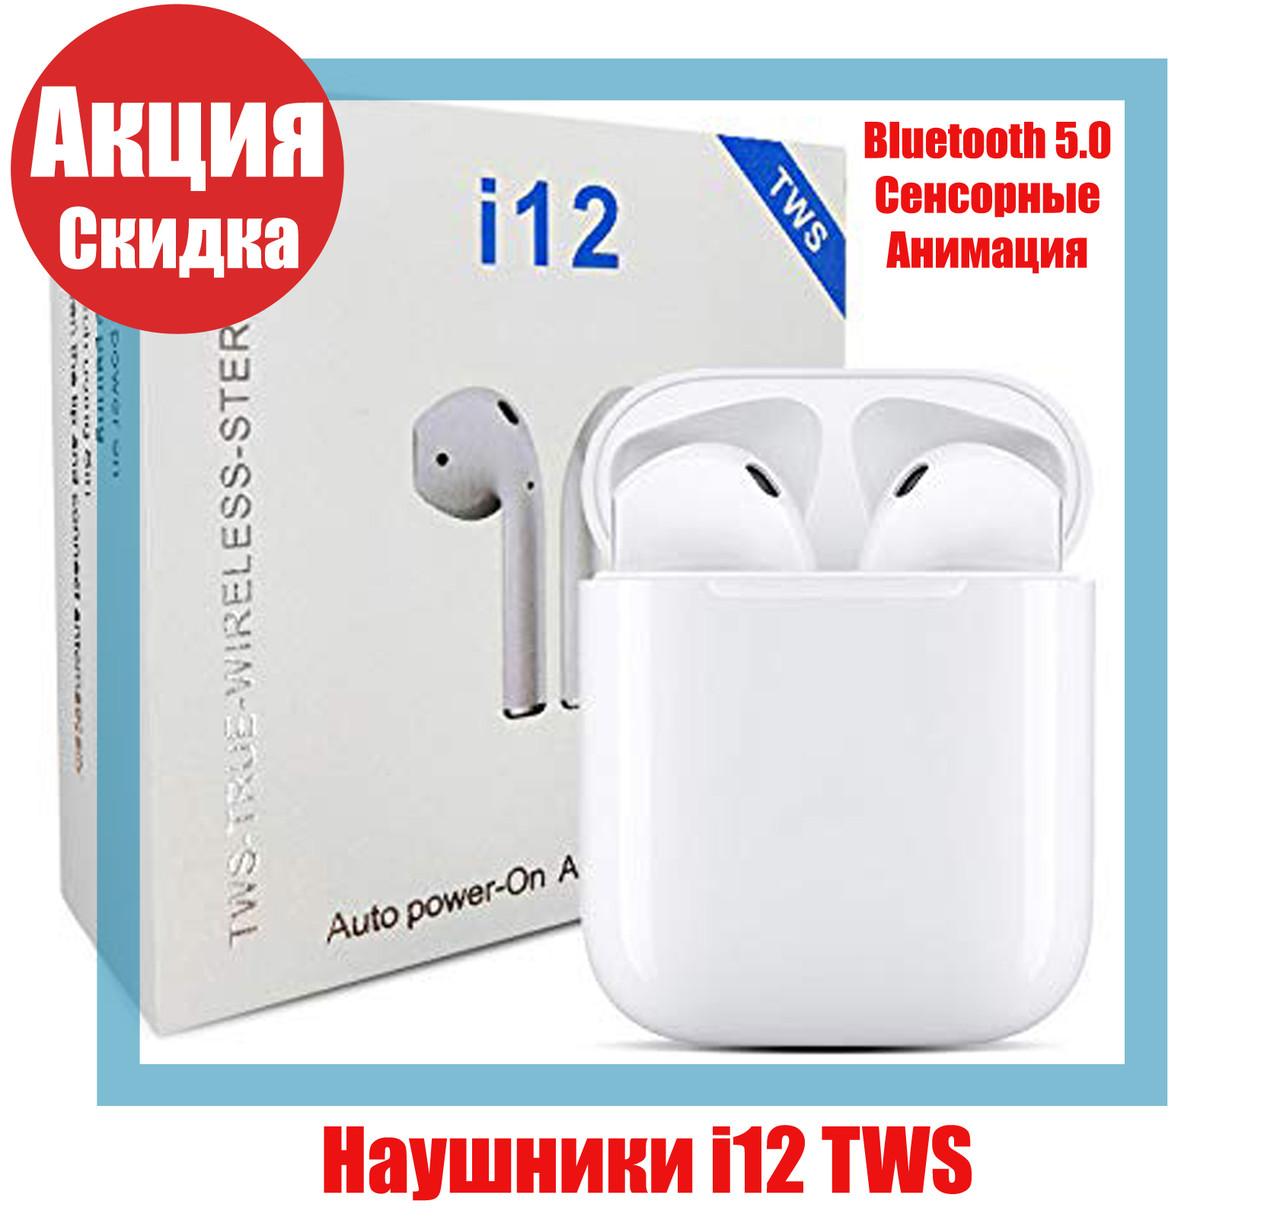 Наушники i12 TWS MINI ОРИГИНАЛ беспроводные Bluetooth с кейсом Power Bank с анимацией ориганал